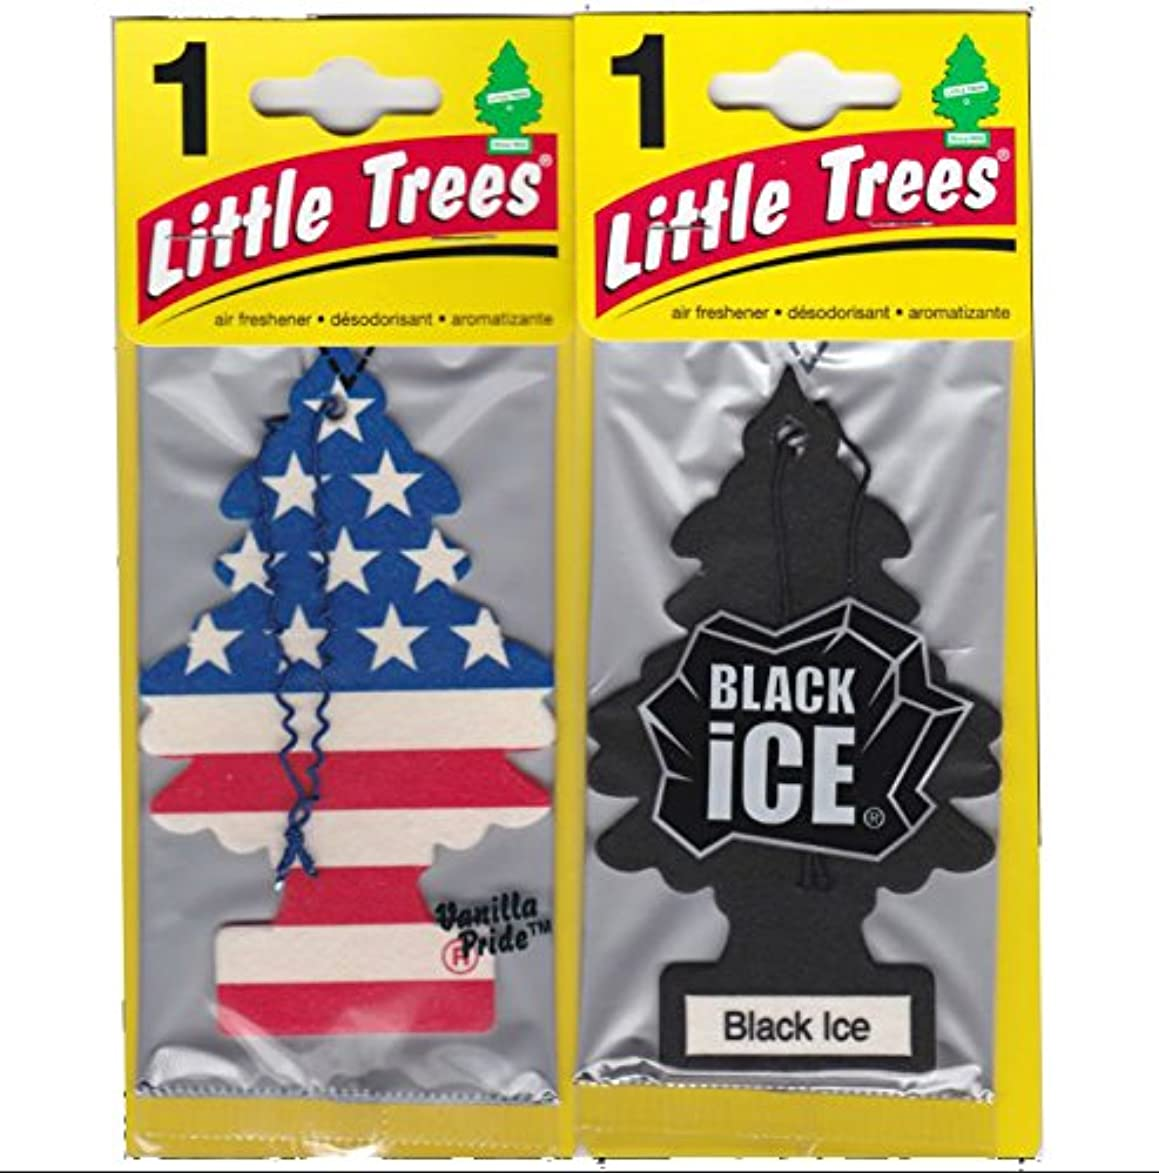 移民輪郭かろうじてLittle Trees 吊下げ式 芳香剤 エアーフレッシュナー ブラックアイス & バニラプライド [並行輸入品]